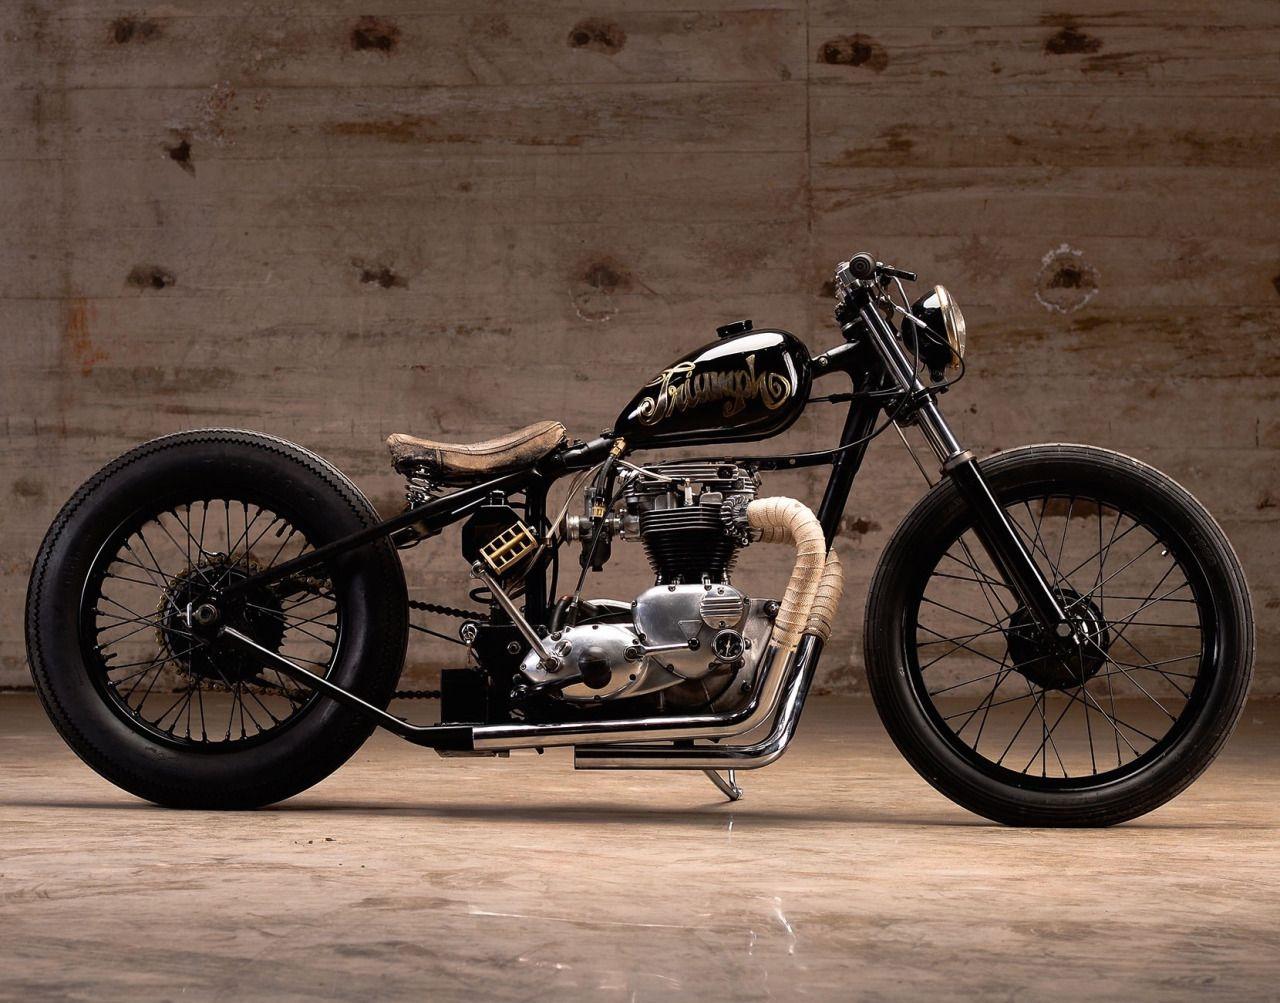 Und custom chopper madchen motorrader